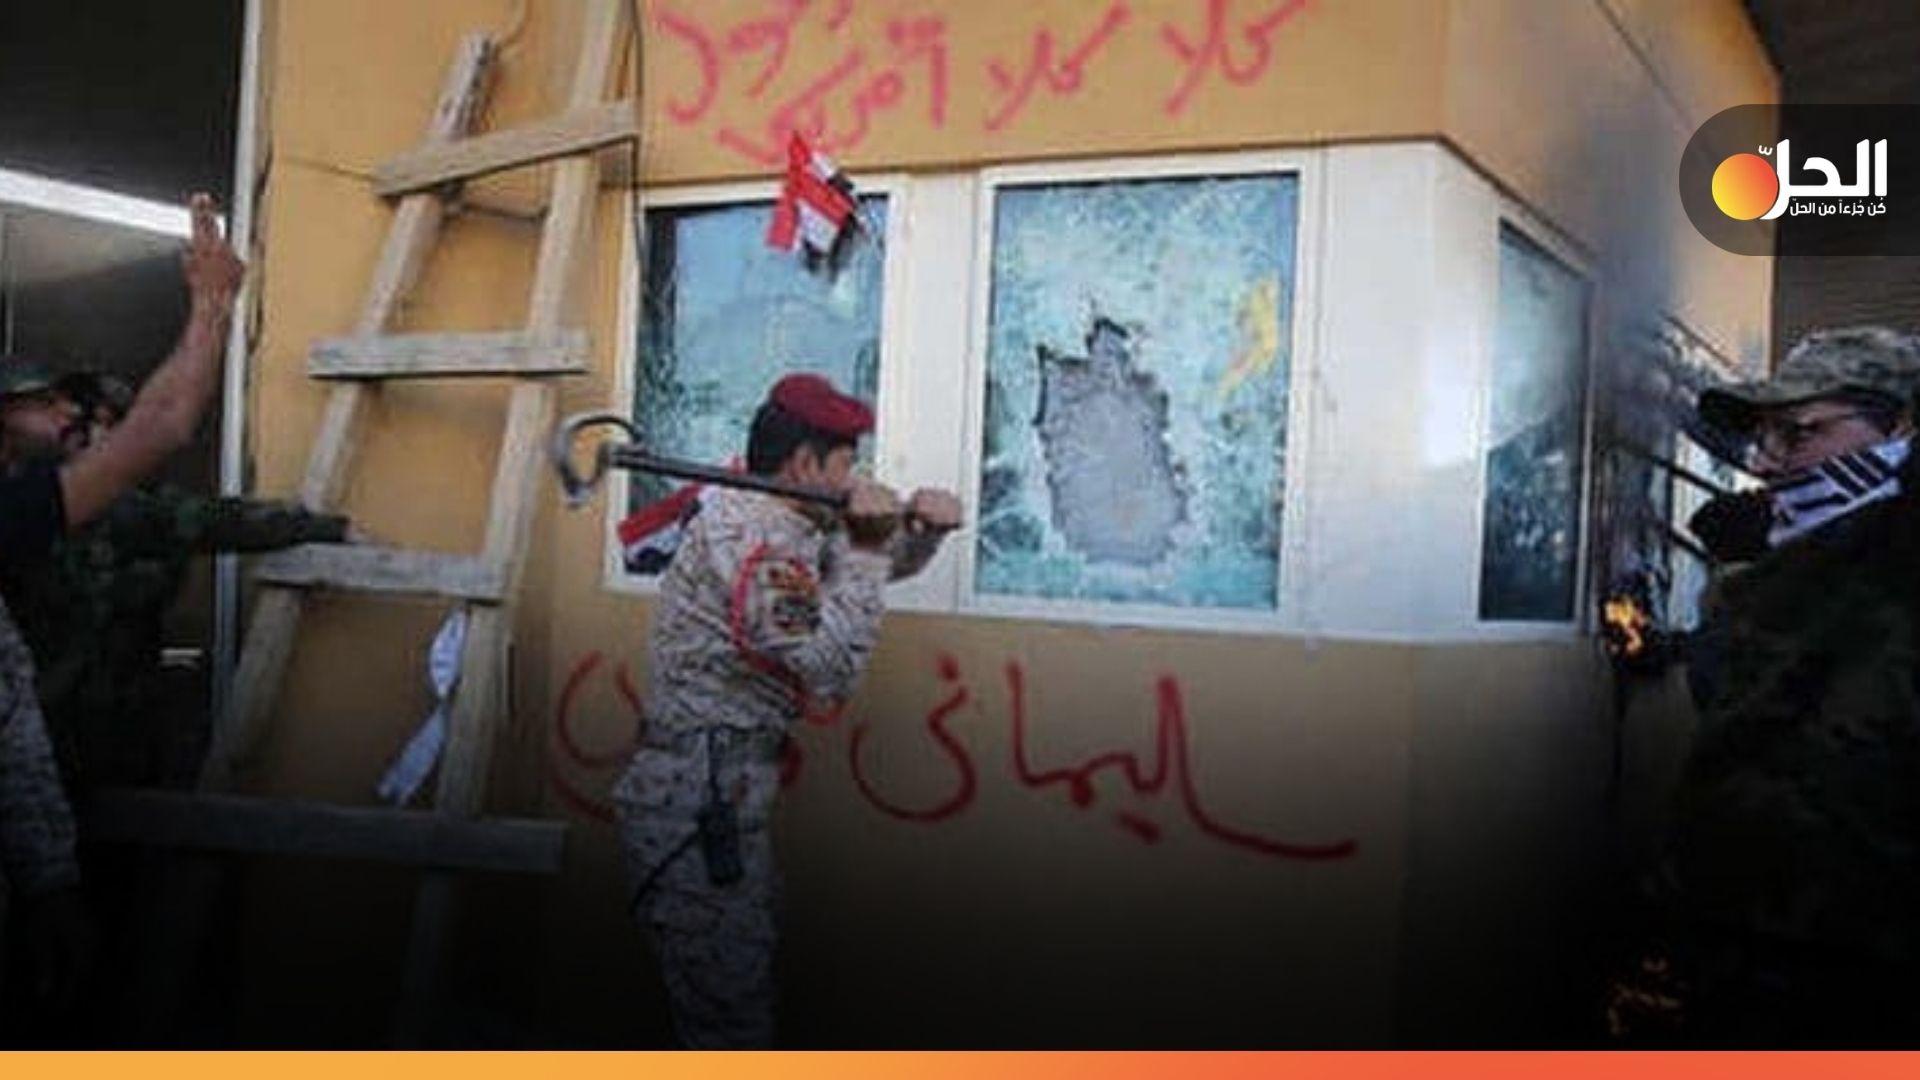 /3/ فرضيات لِتَنصّل الميليشيات عن تبنّيها لاستهداف السفارة الأميركية ببغداد